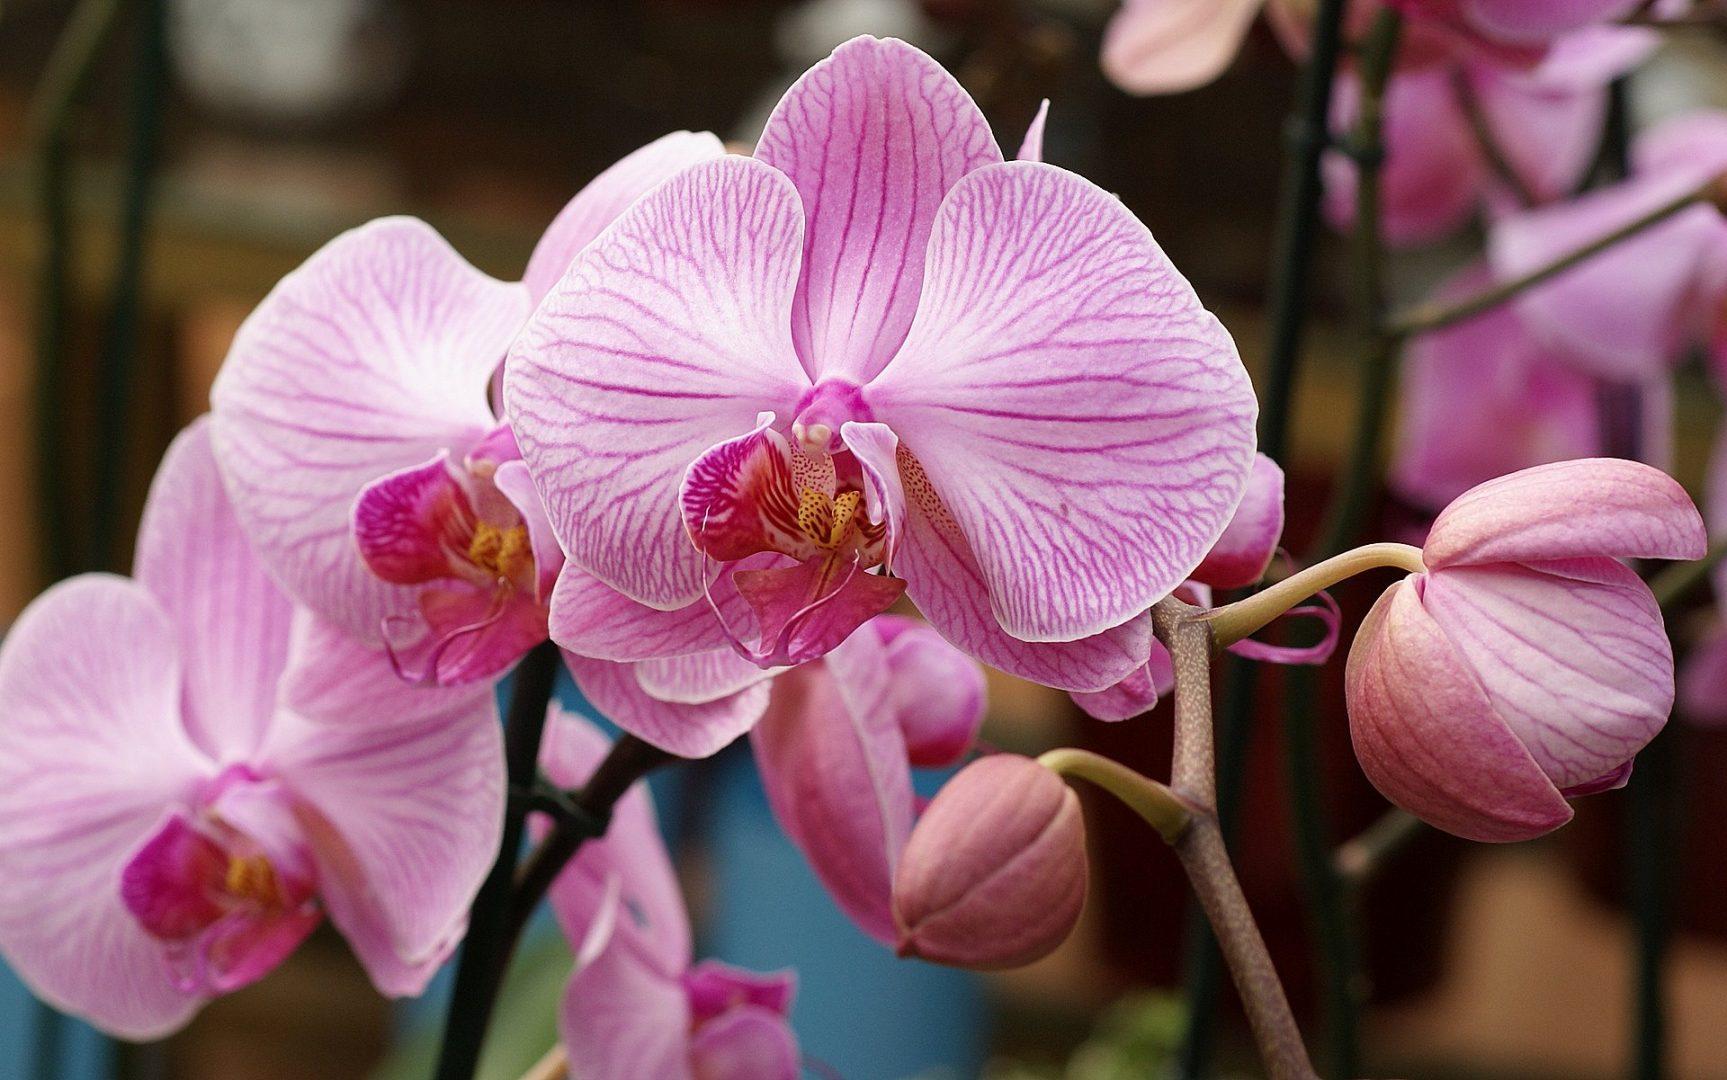 Conheça as 10 orquídeas mais reais que existem